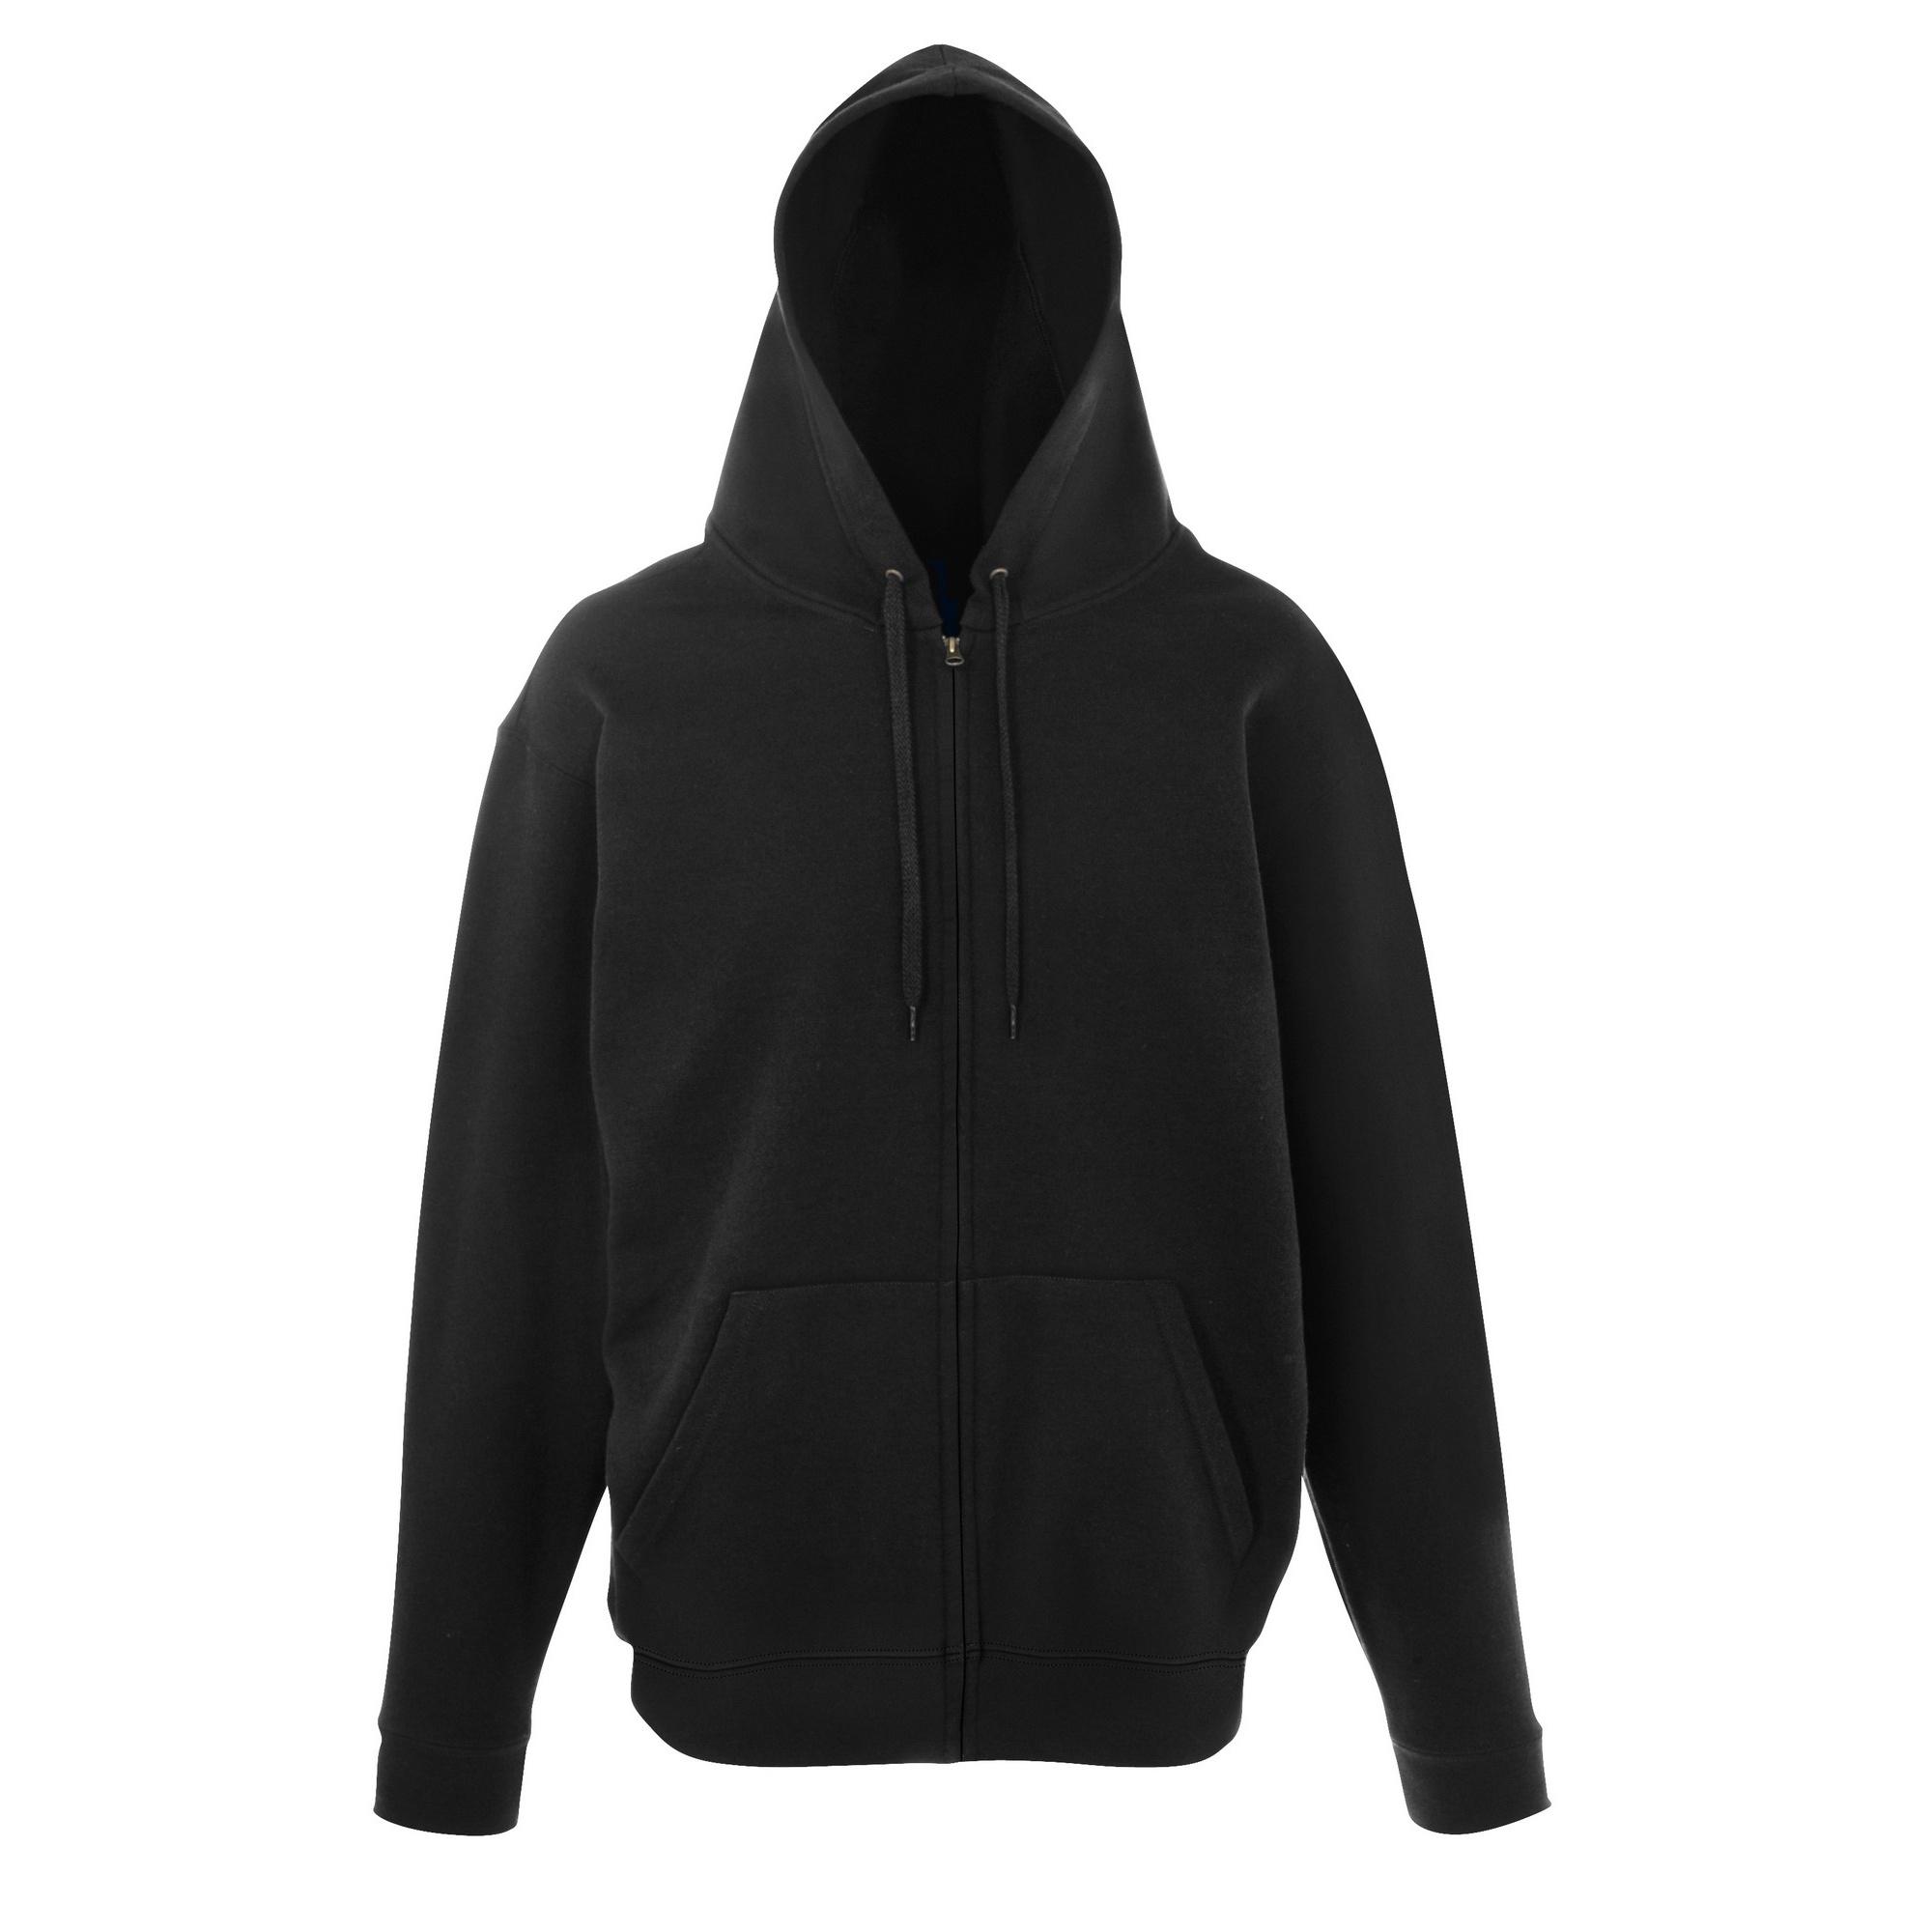 Unique zip up hoodies